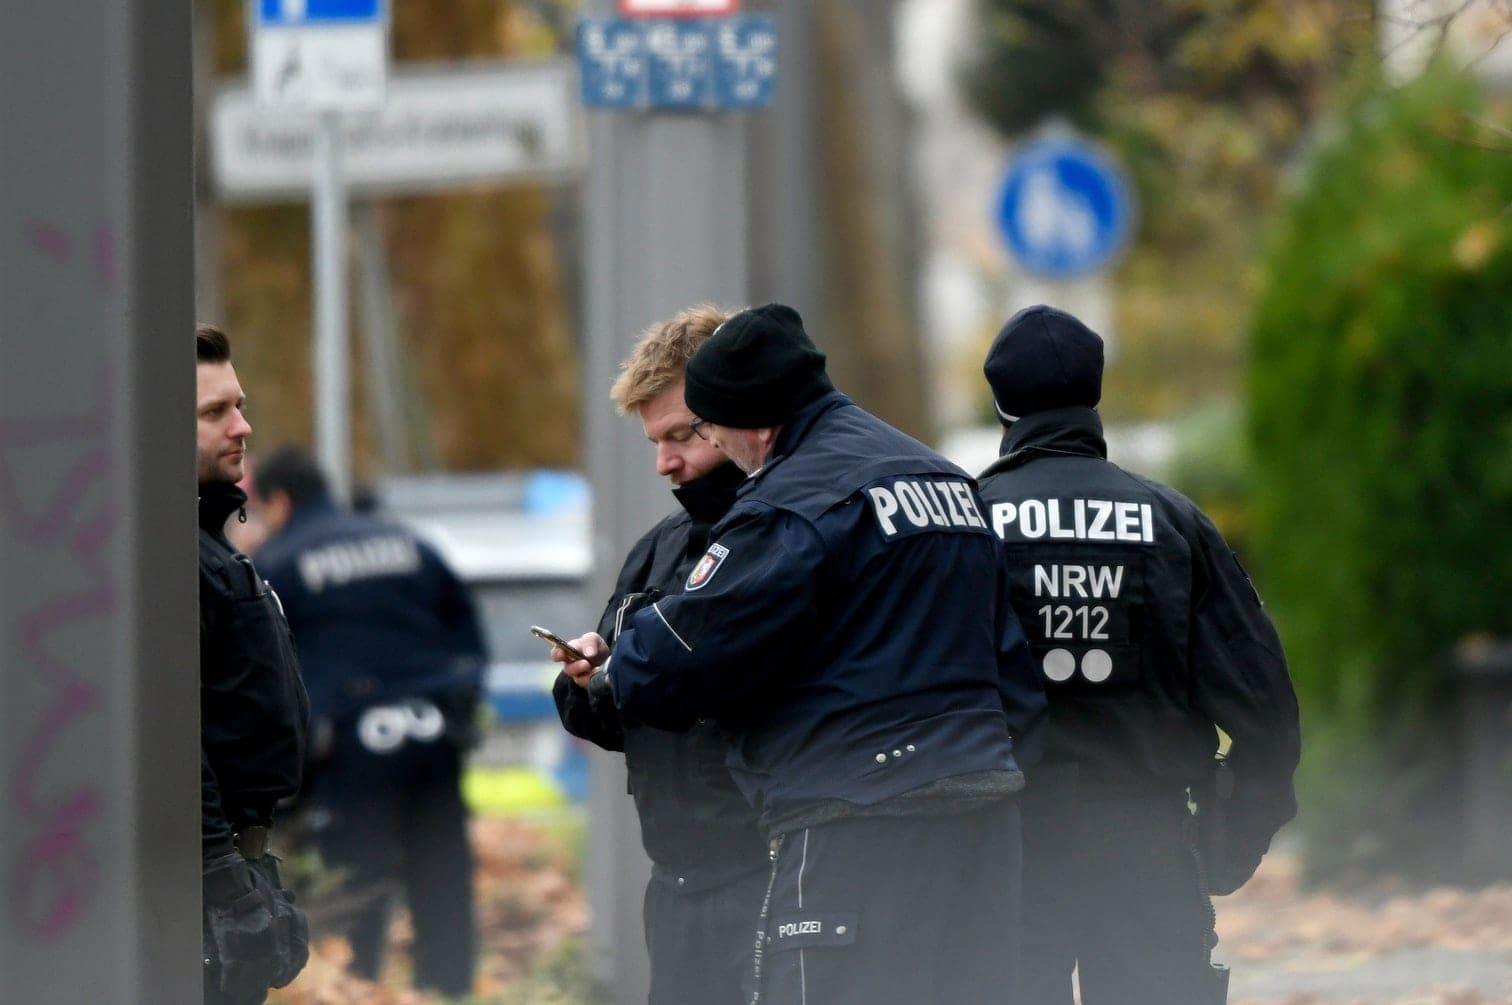 der bewaffnete 46-Jährige wurde danach festgenommen.</p> Foto: dpa/Ina Fassbender